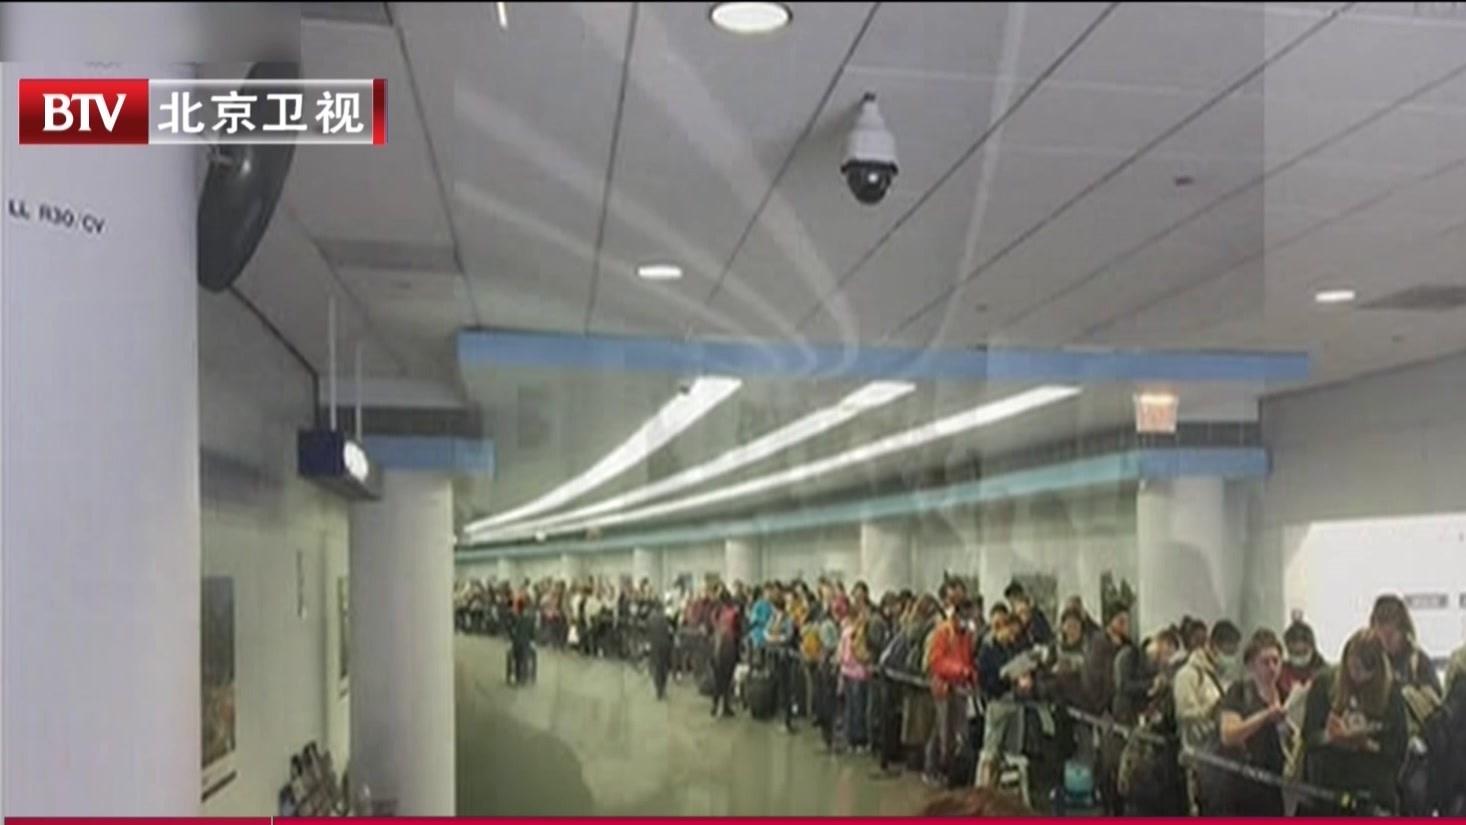 美对欧禁航后  美机场入境处人满为患